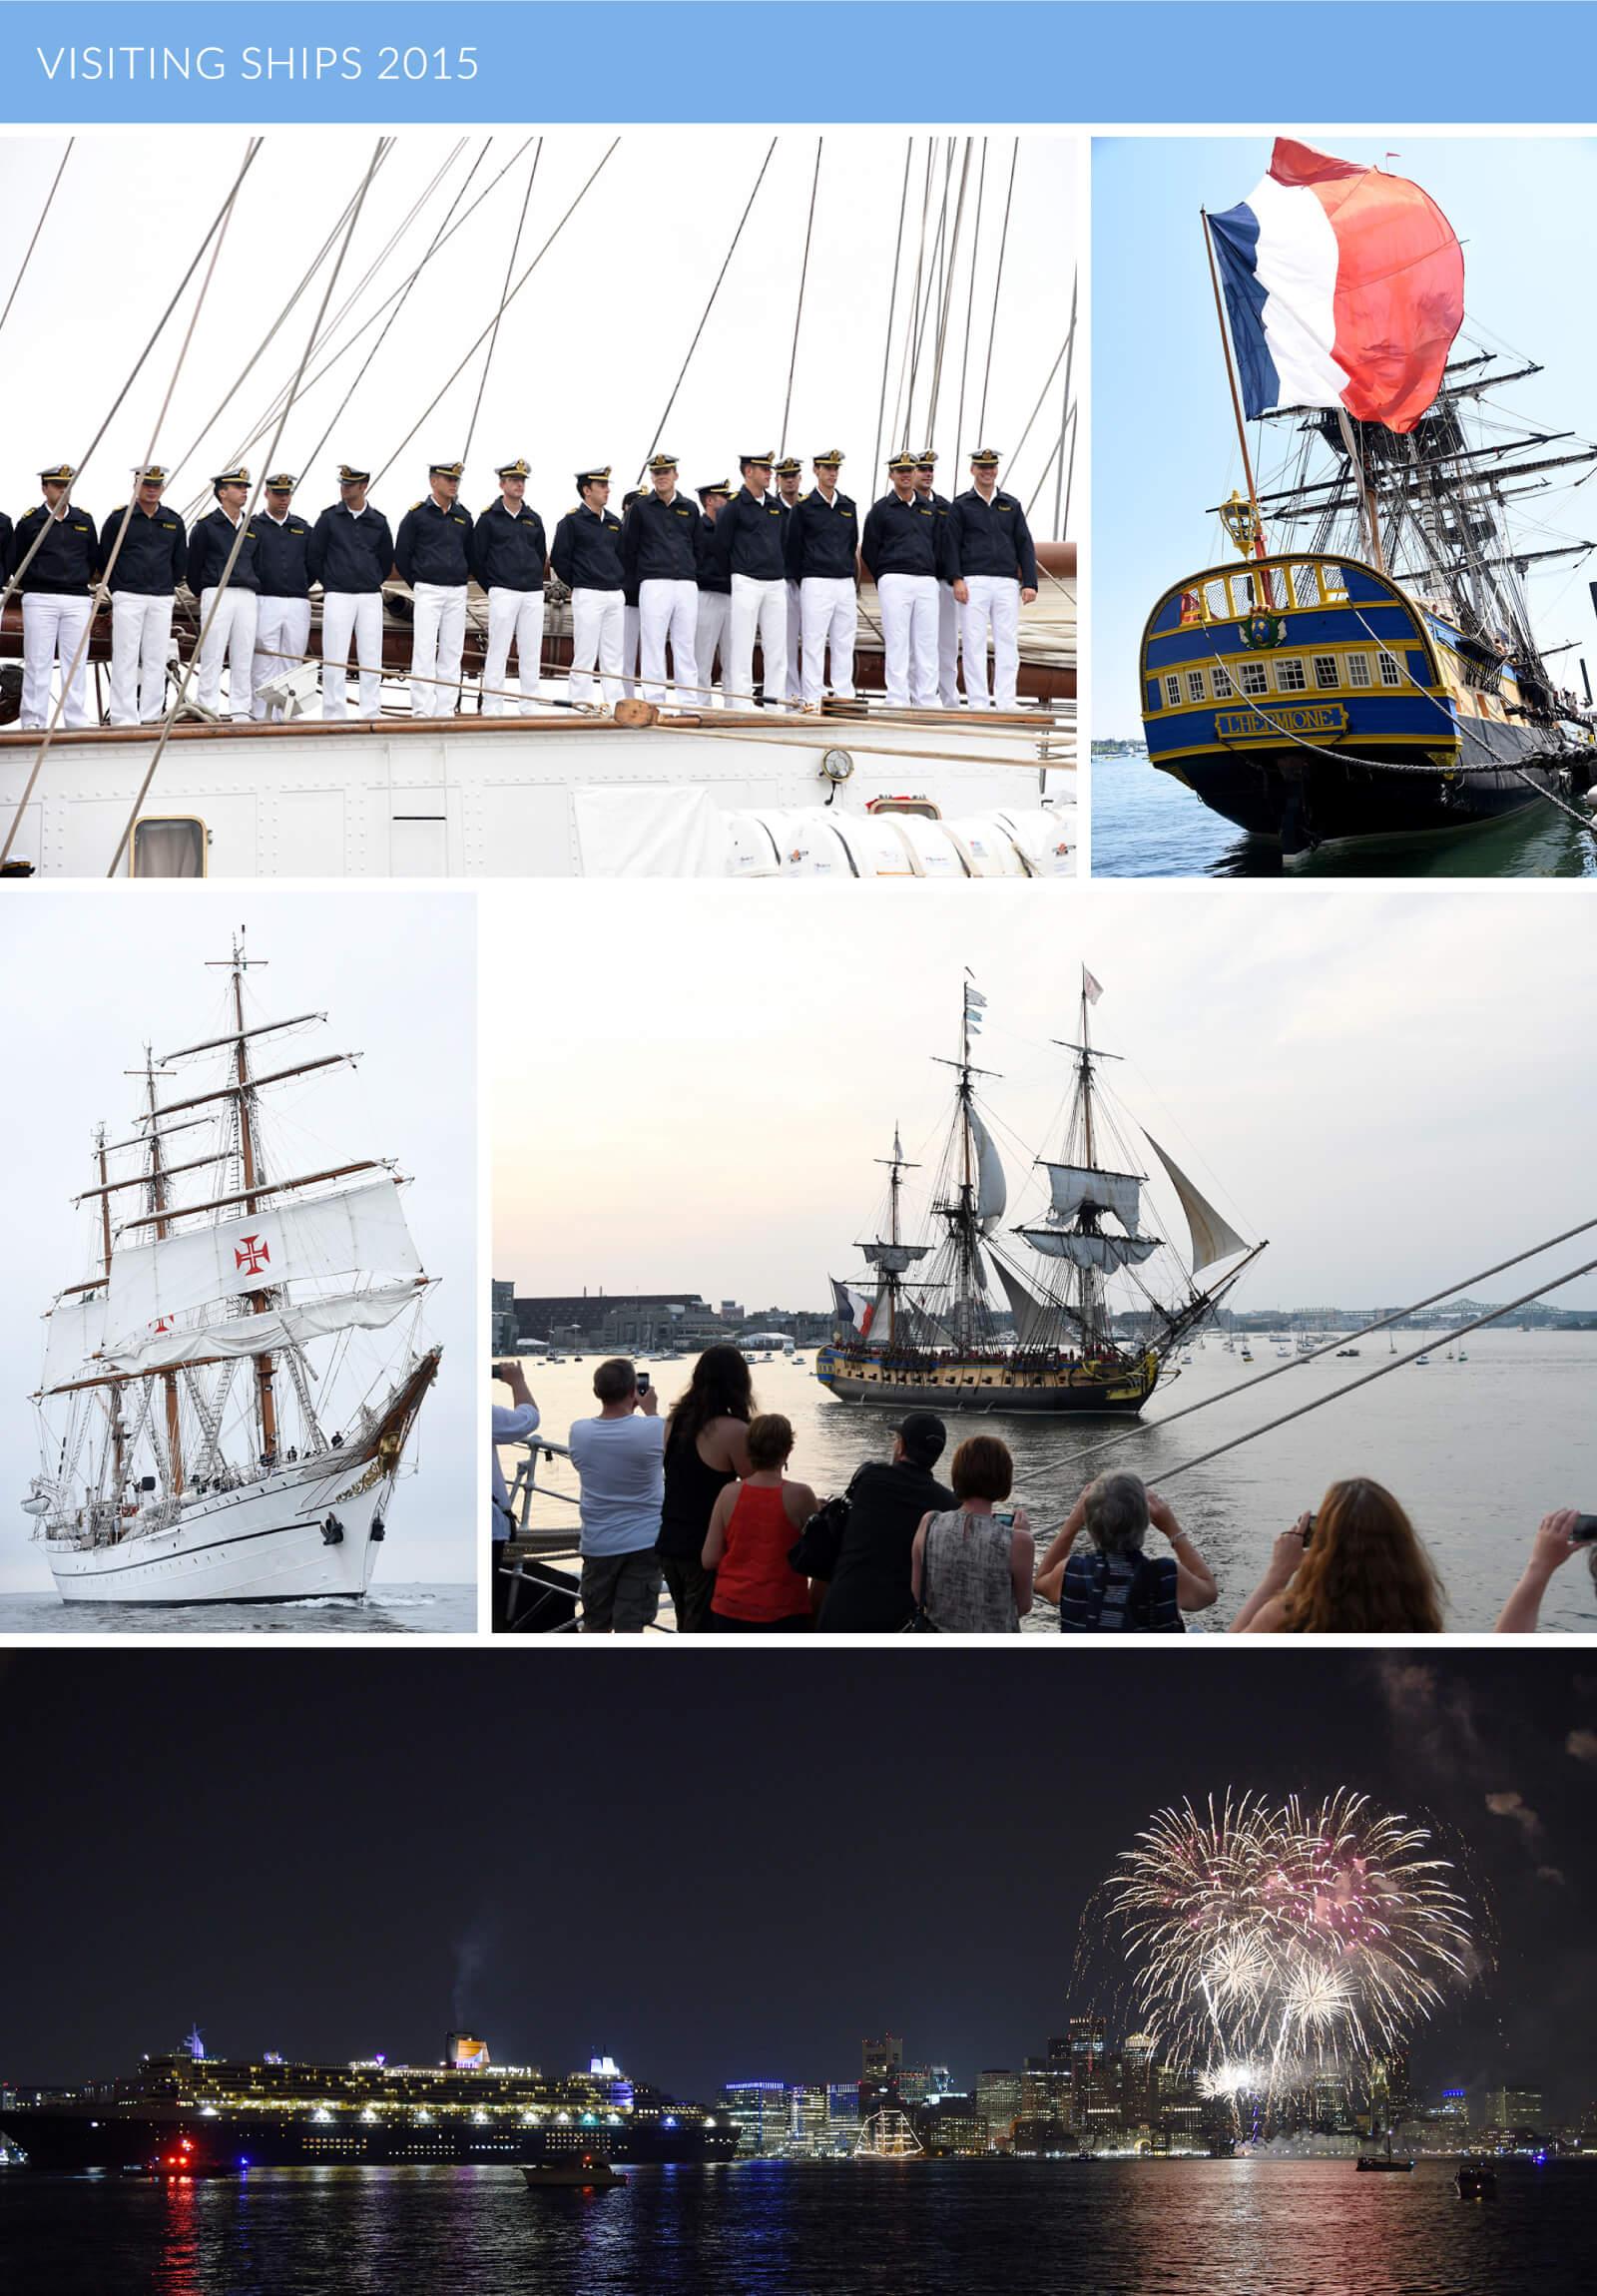 Visiting Ships